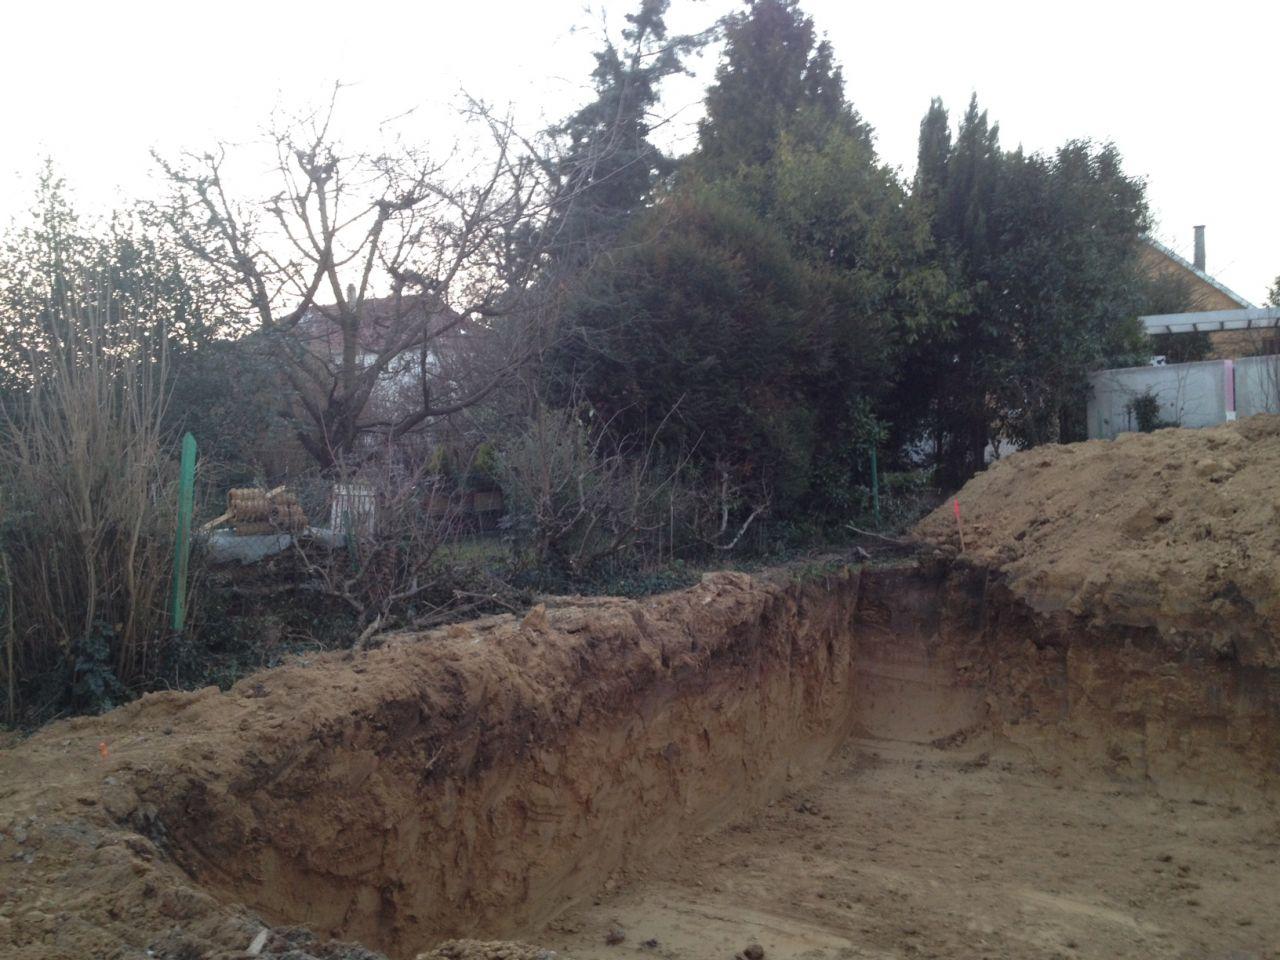 Terrassement terminé. La terre est creusée jusqu'à 2 mètres autour de l'emprise de la maison. Le terrain est très stable (froid   argile).